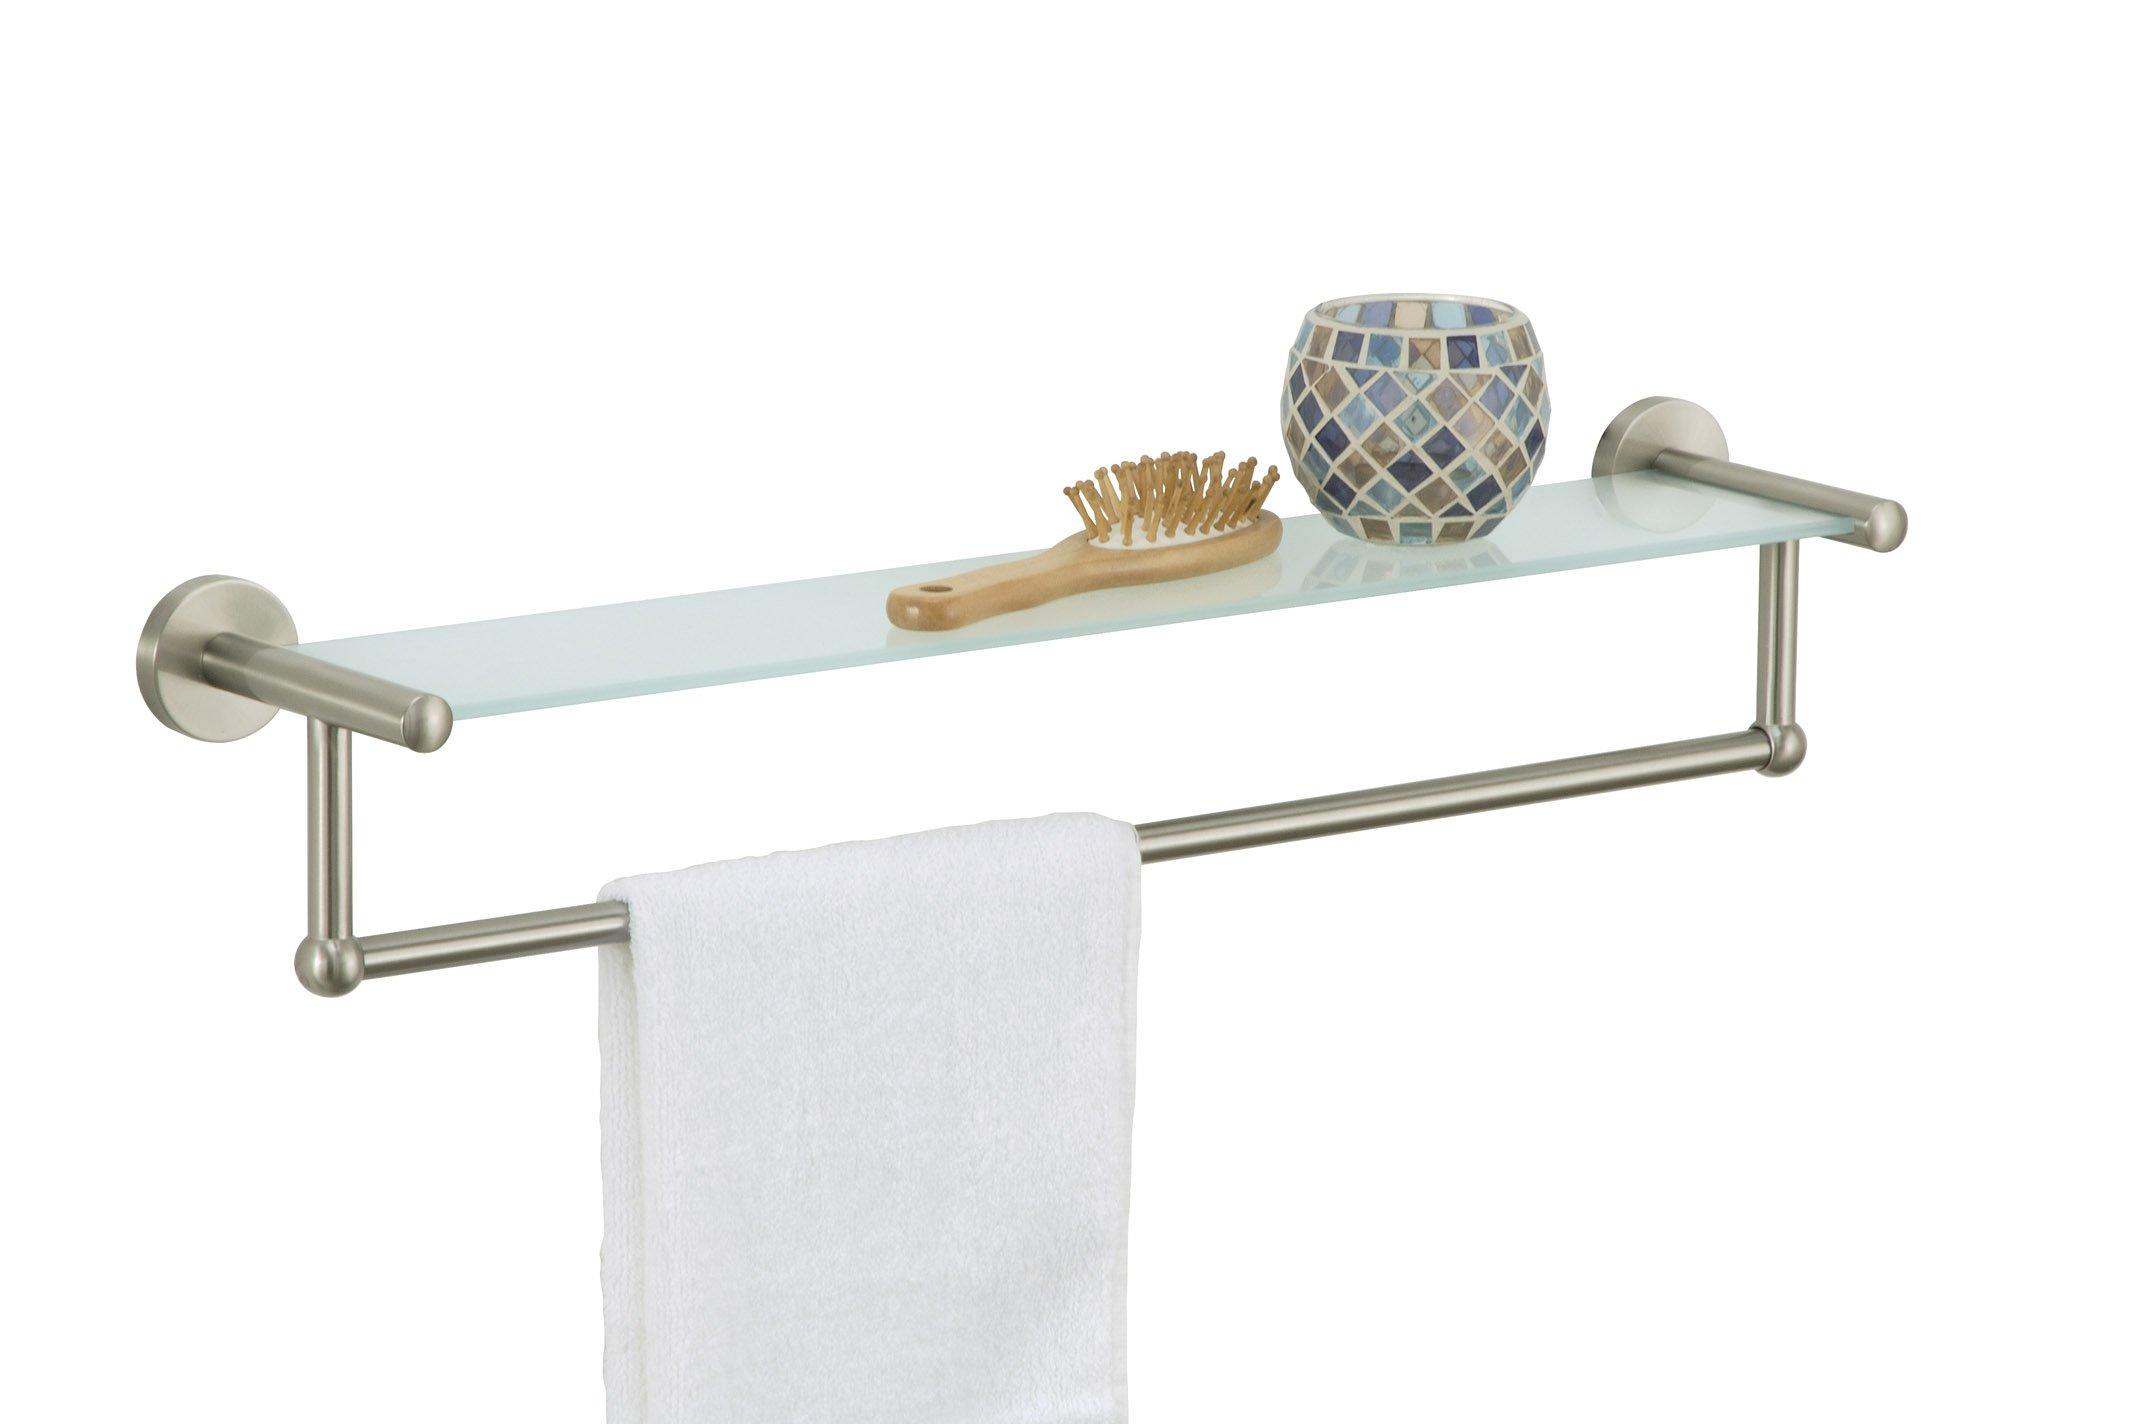 Organize It All 16905W-1 Satin Nickel Glass Shelf with Towel Bar, 1-Pack